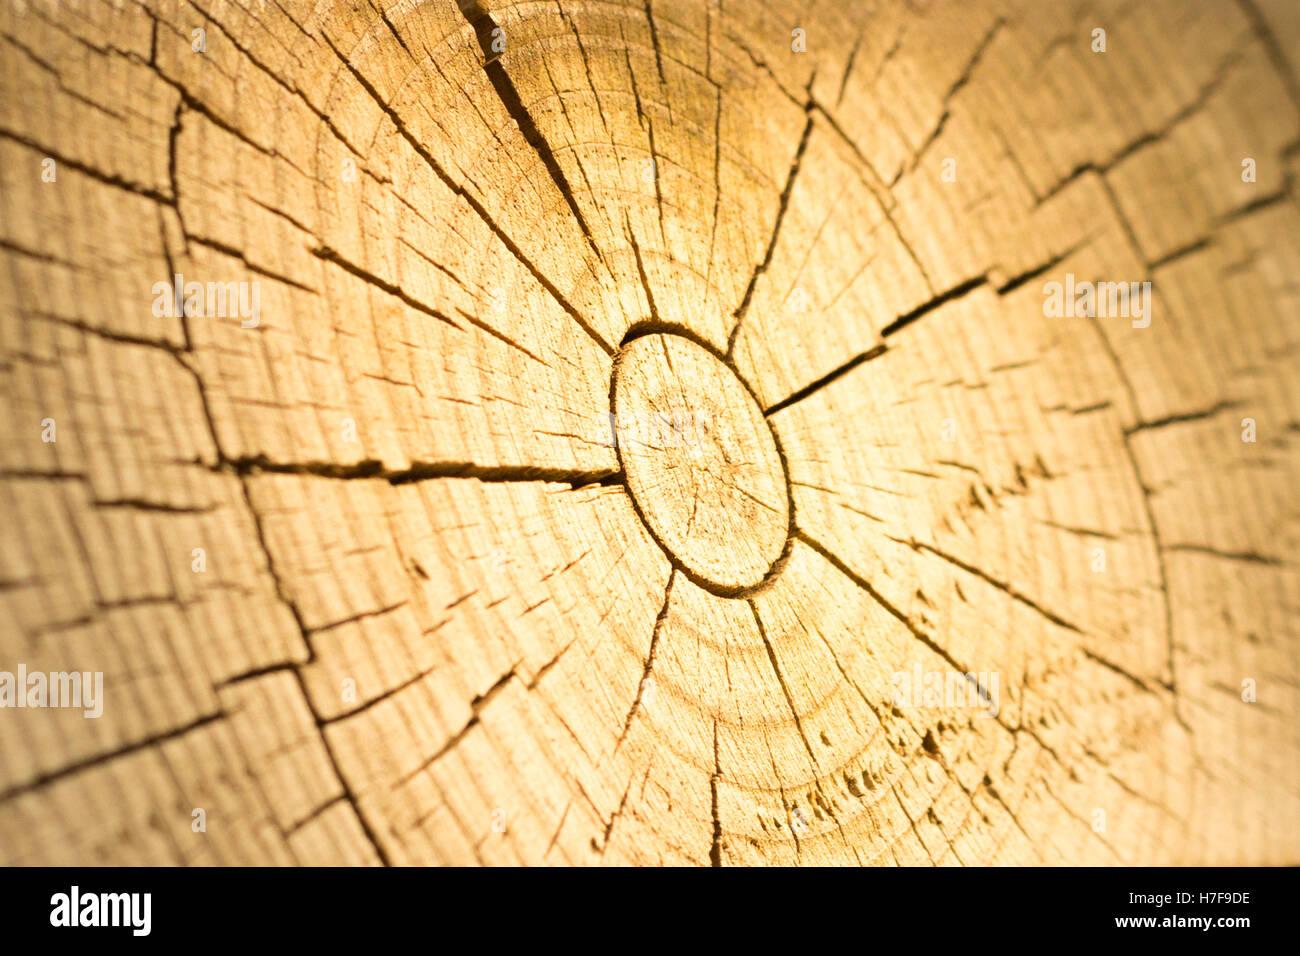 Section de bois au milieu fissuré Photo Stock